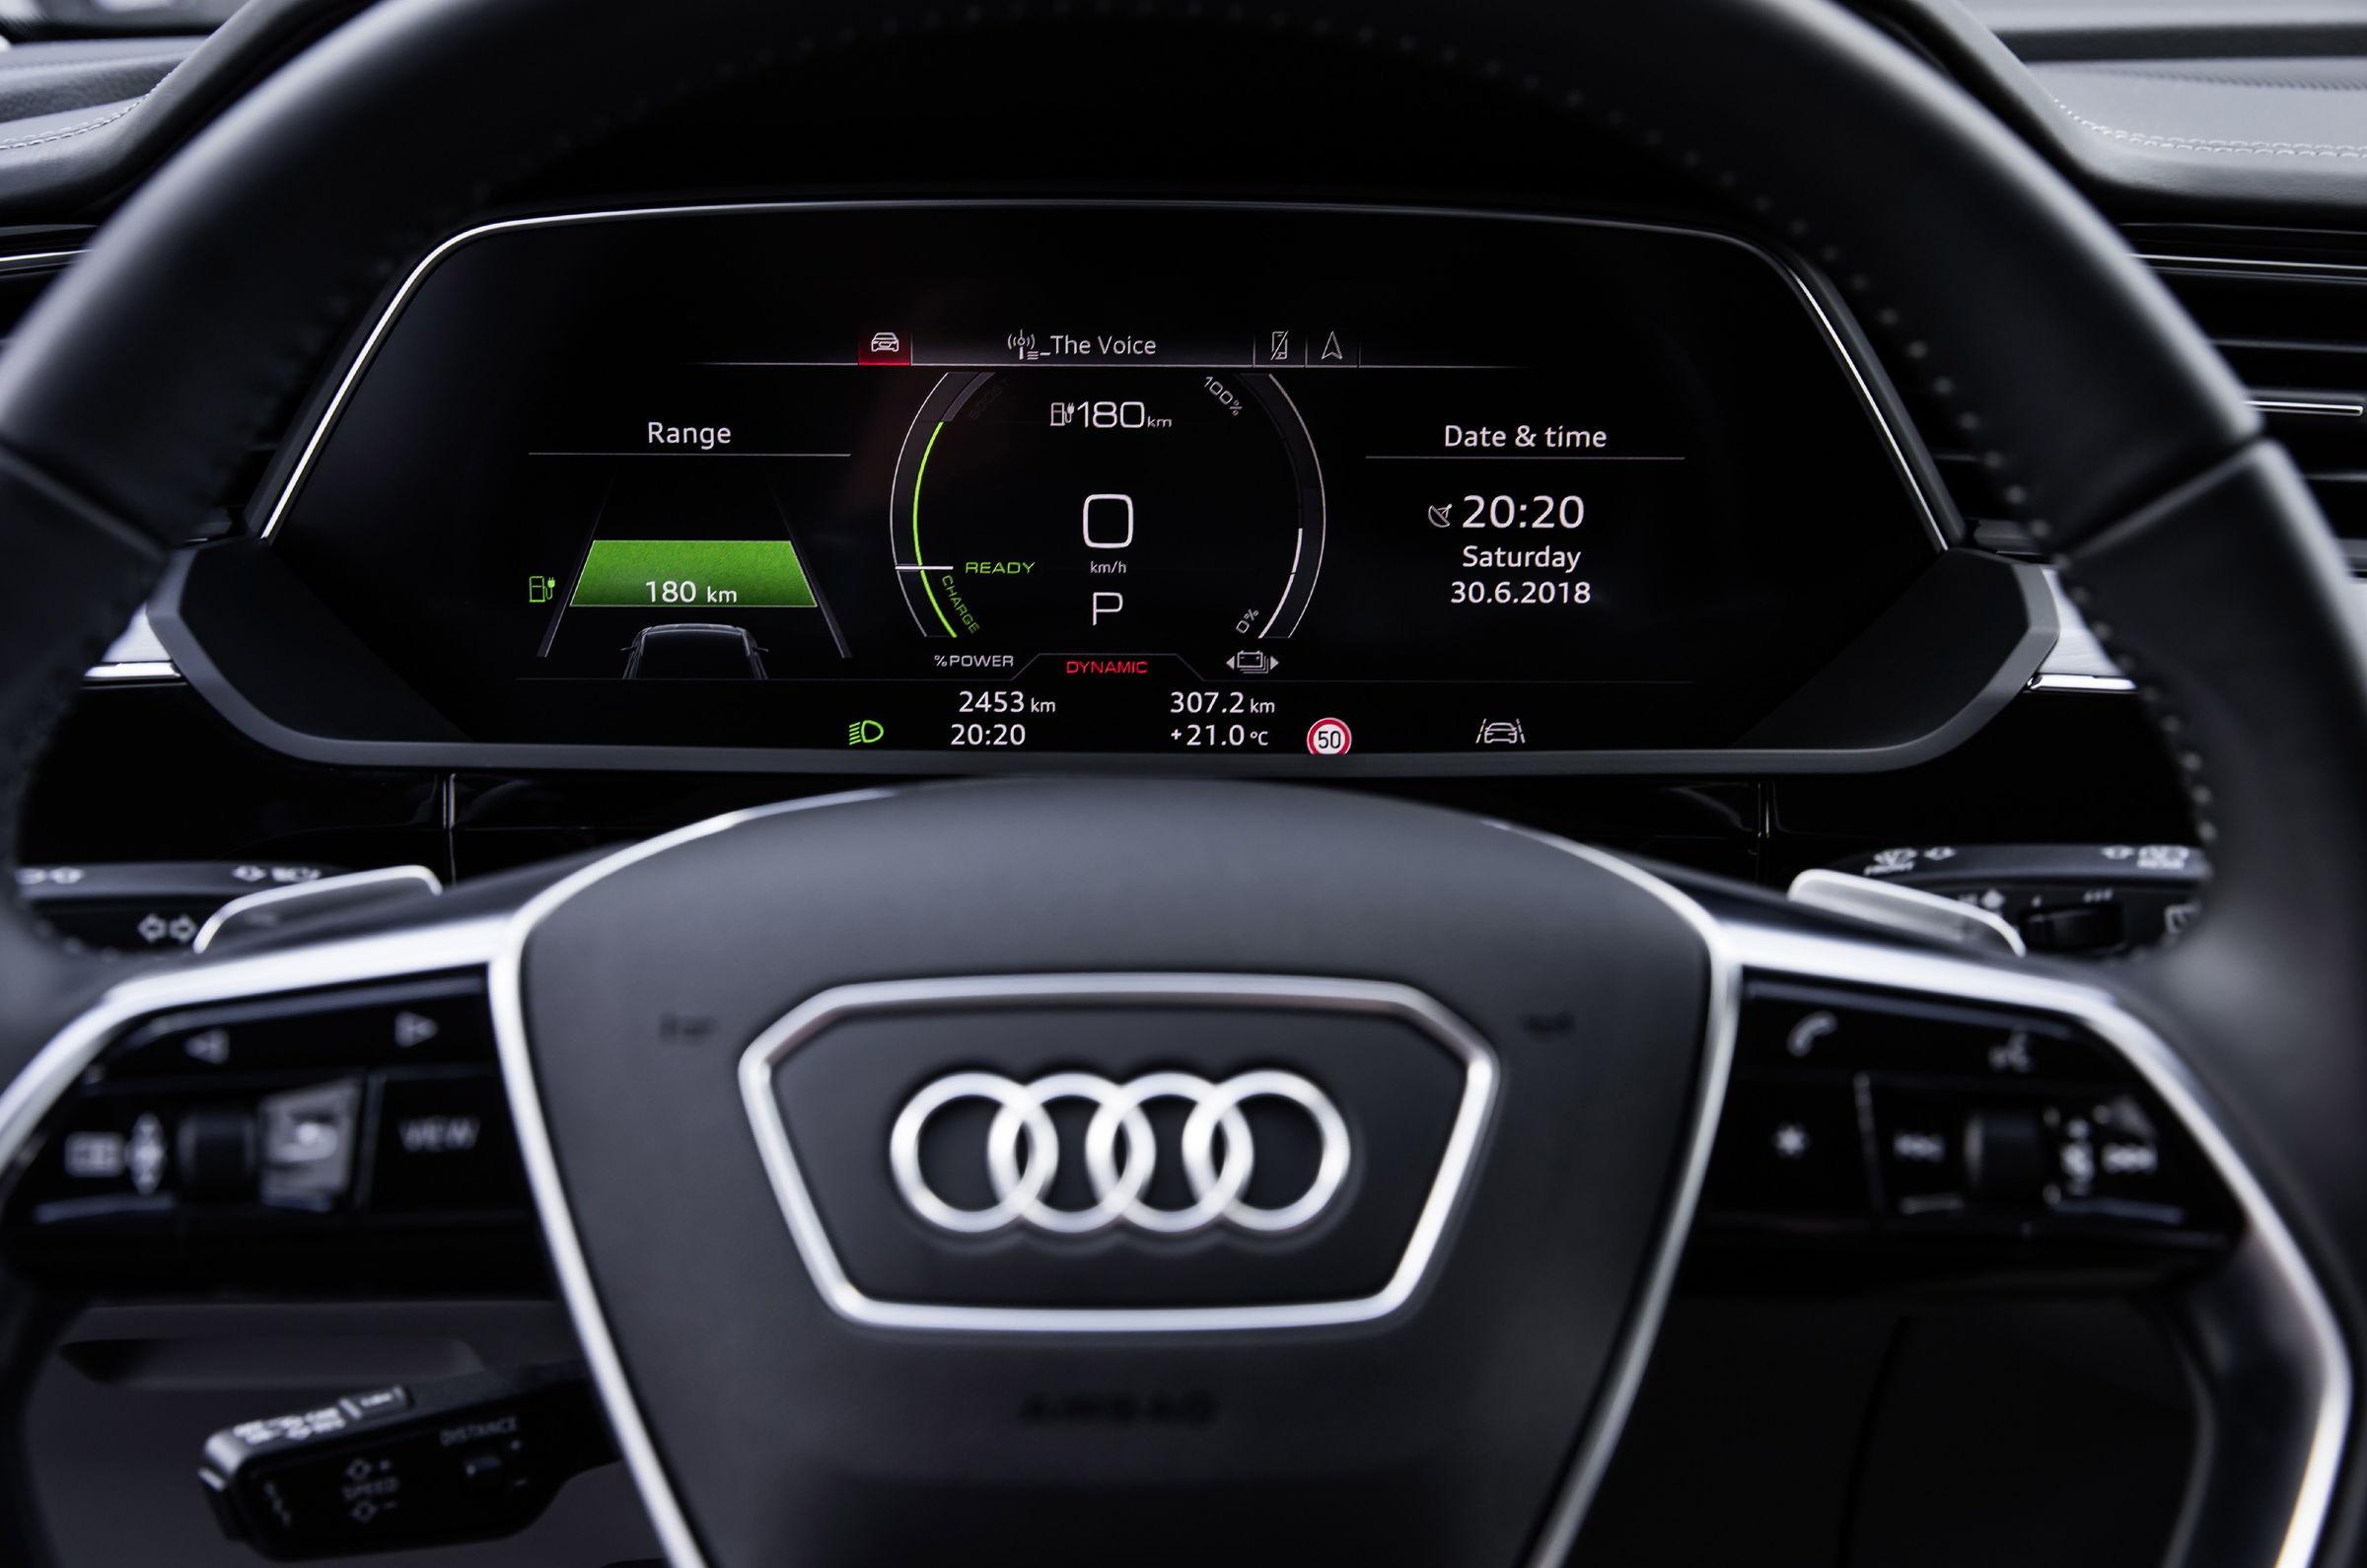 BMW, Volkswagen e Audi interessate a creare una rete 5G privata 1